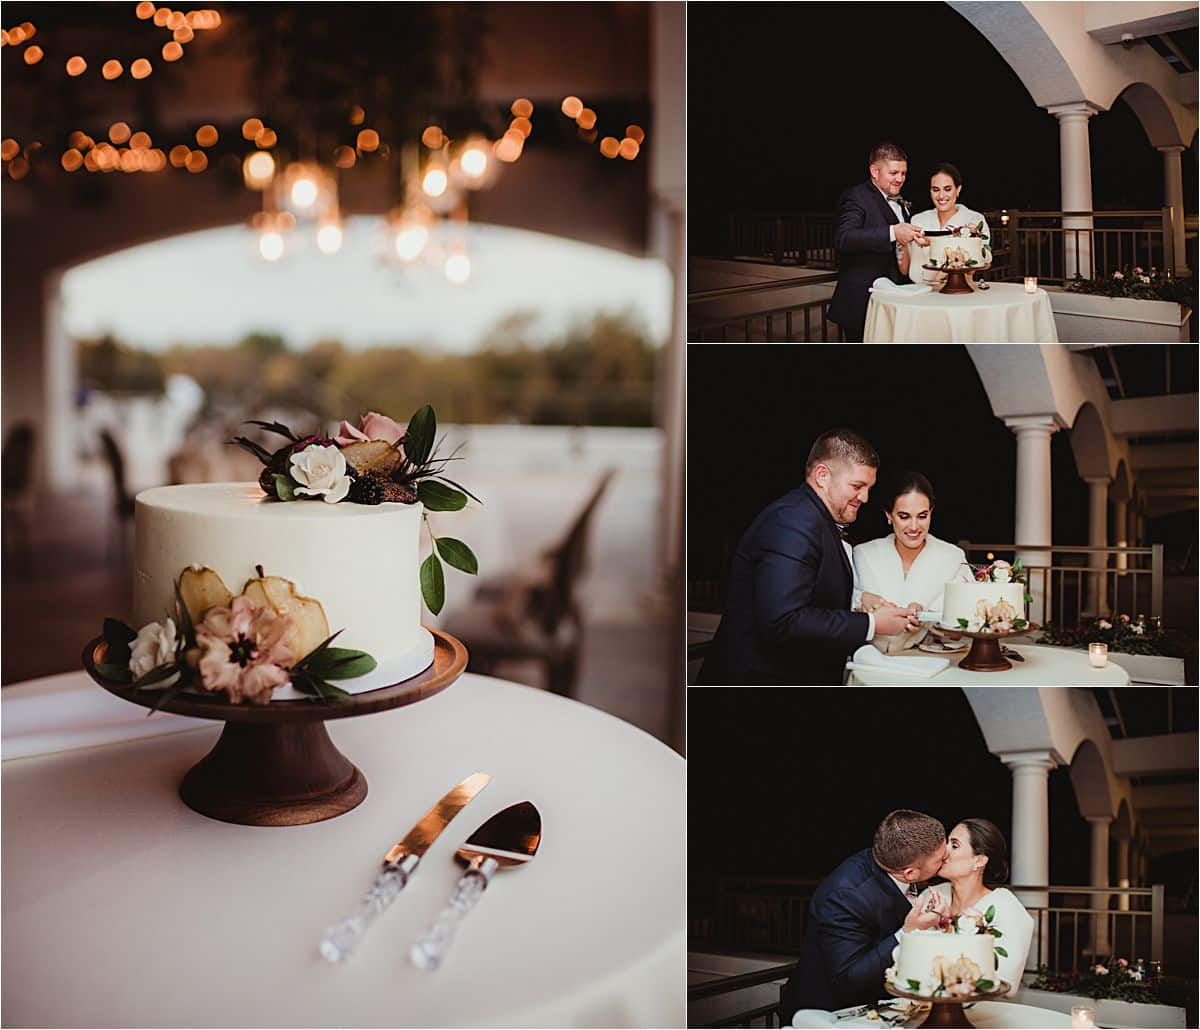 Intimate Fall Wedding Cake Cutting